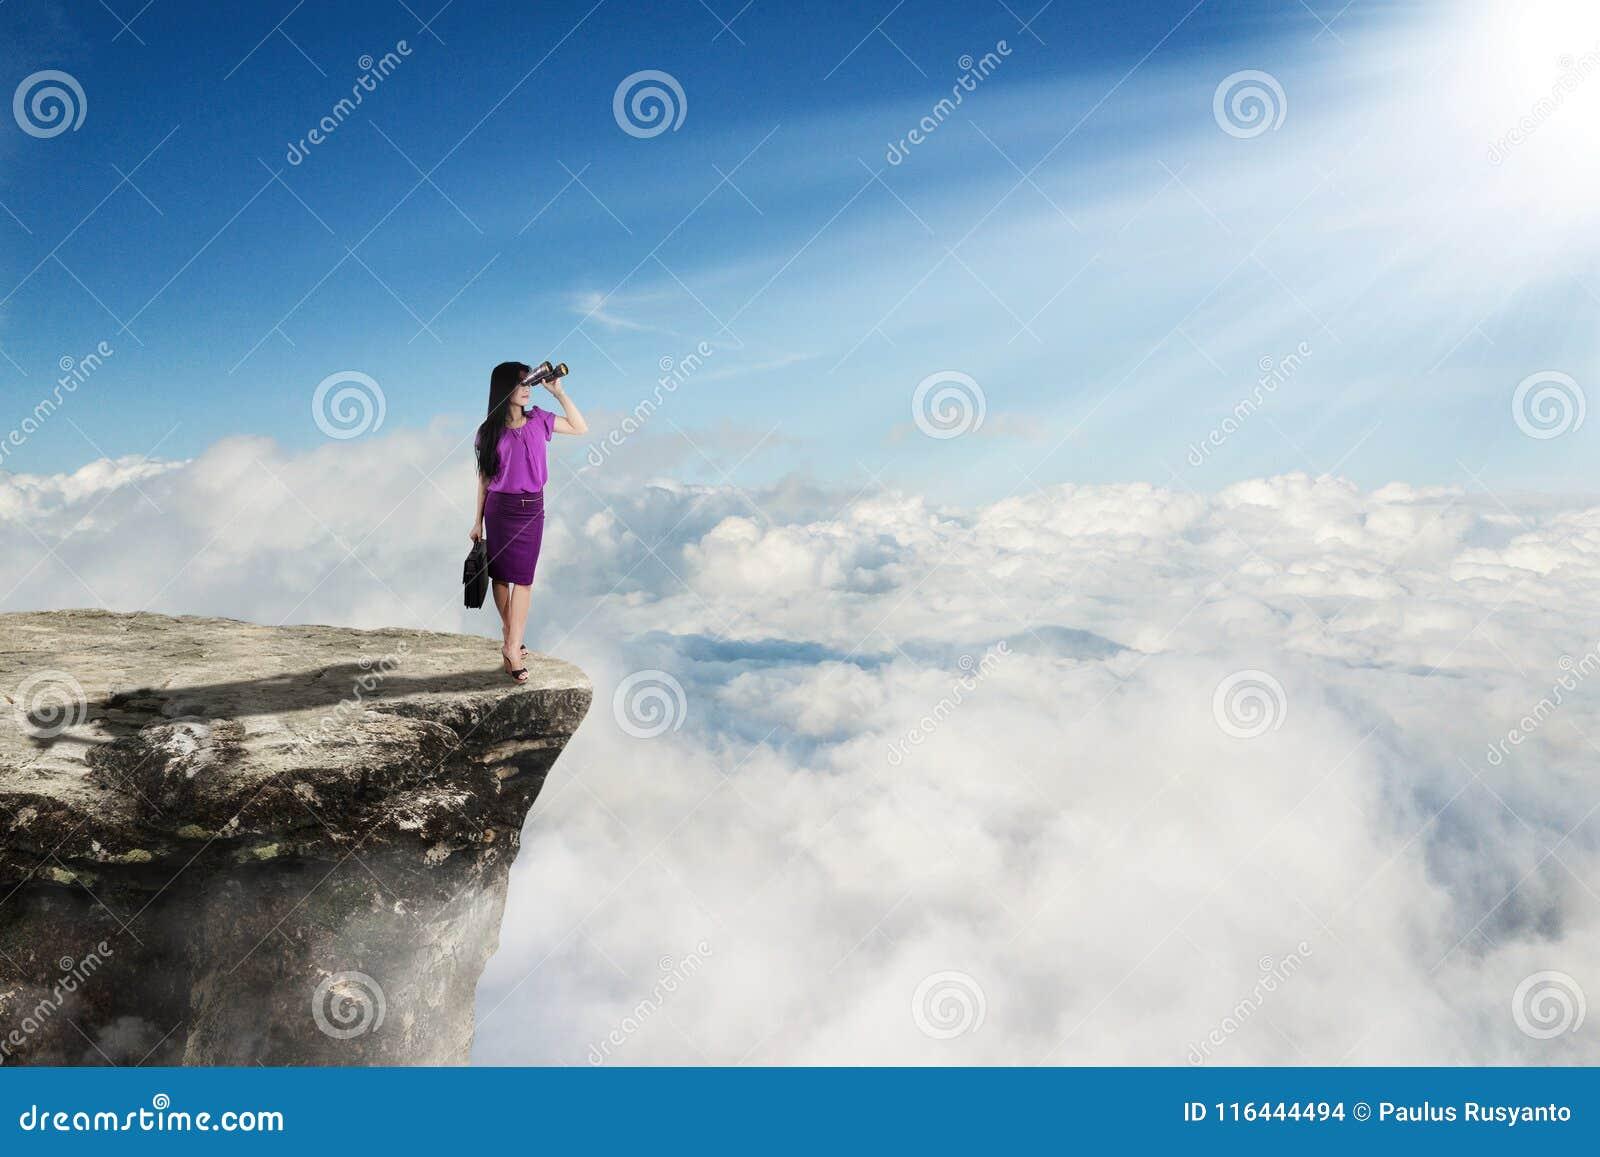 Junge Geschäftsfrau mit Ferngläsern auf Klippe